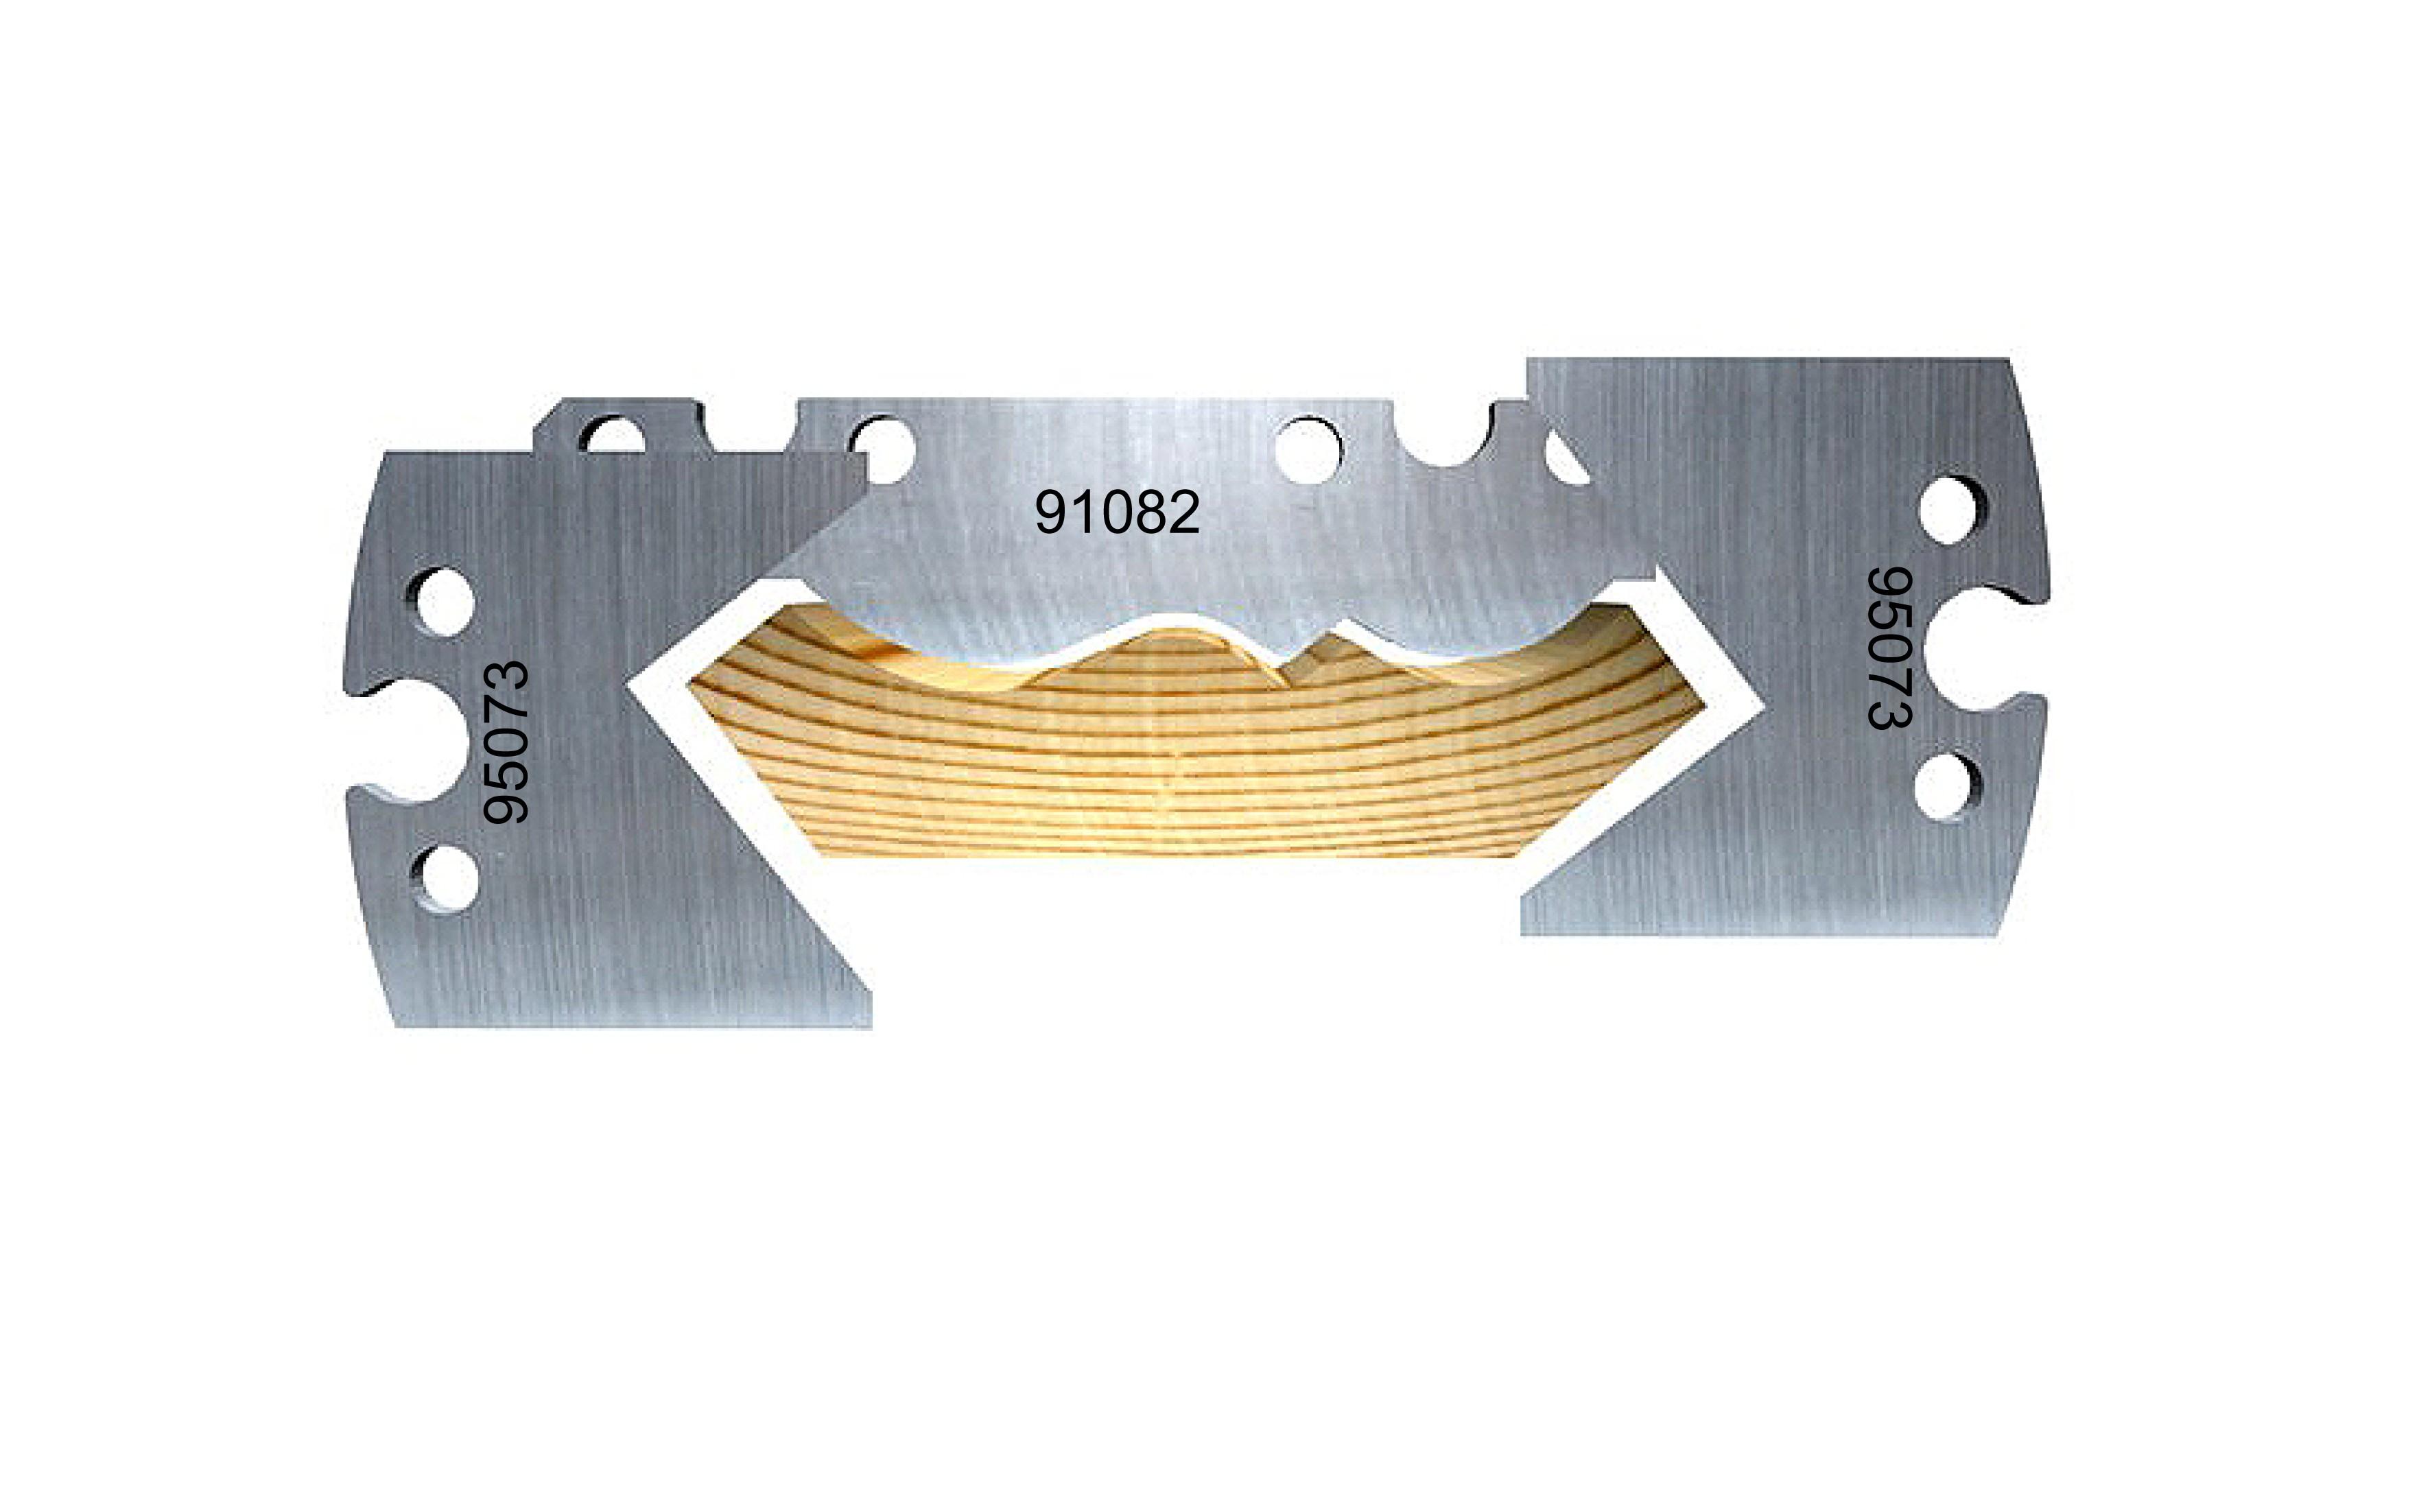 Swan neck soffit moulding, USA, 80 mm